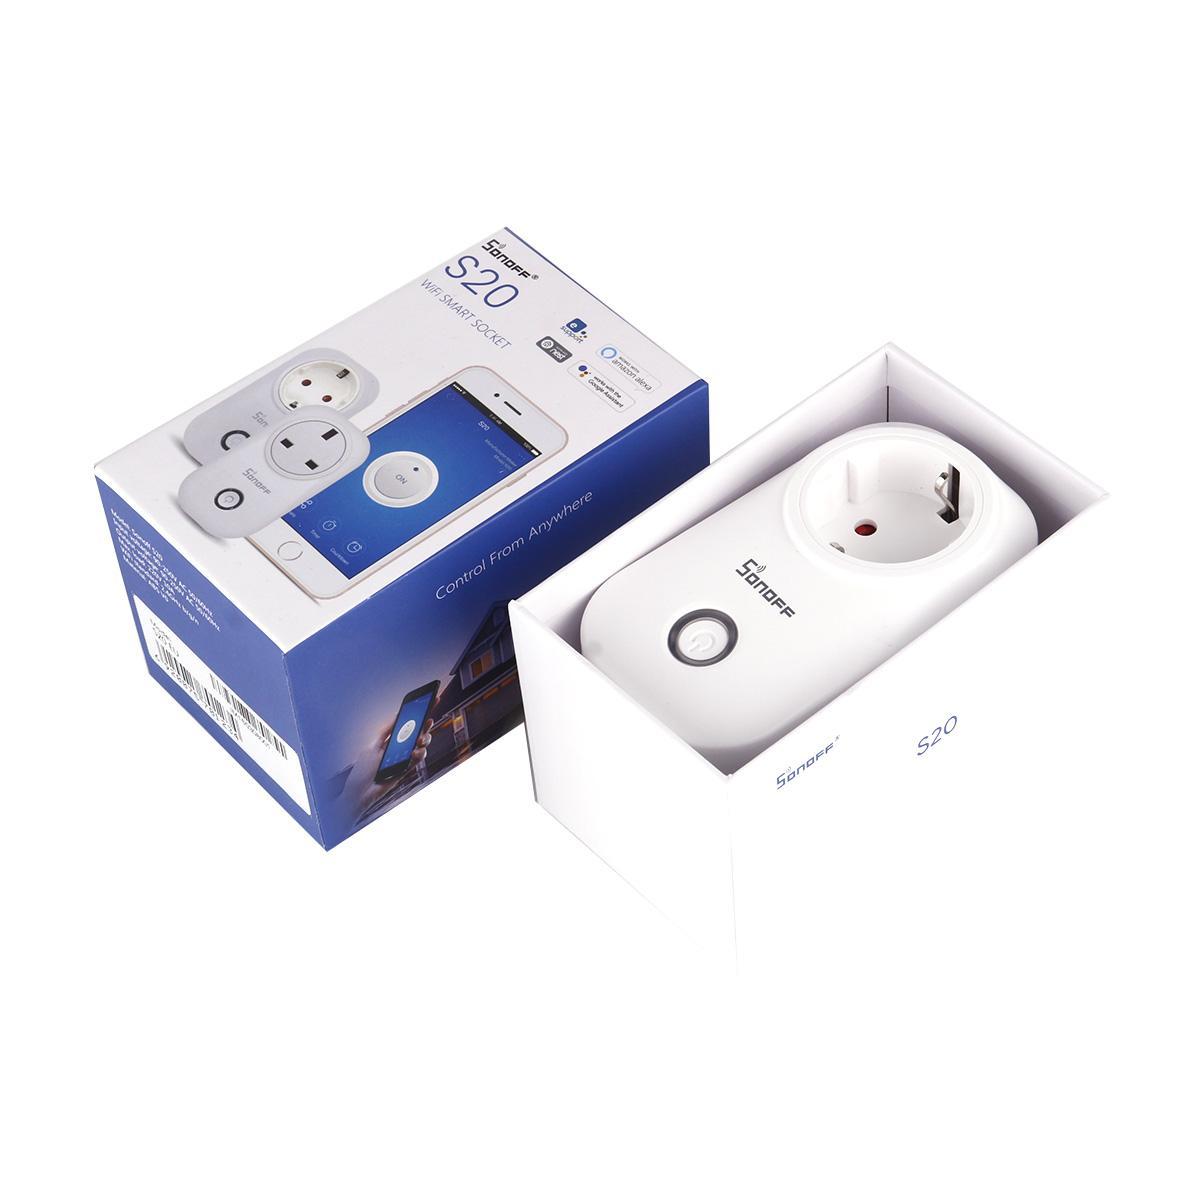 Original Sonoff S20 Smart Wifi Socket Switch REINO UNIDO EE. UU. Enchufe de Control Remoto Socket Outlet Interruptor de sincronización para Smart Home Automation DHL envío